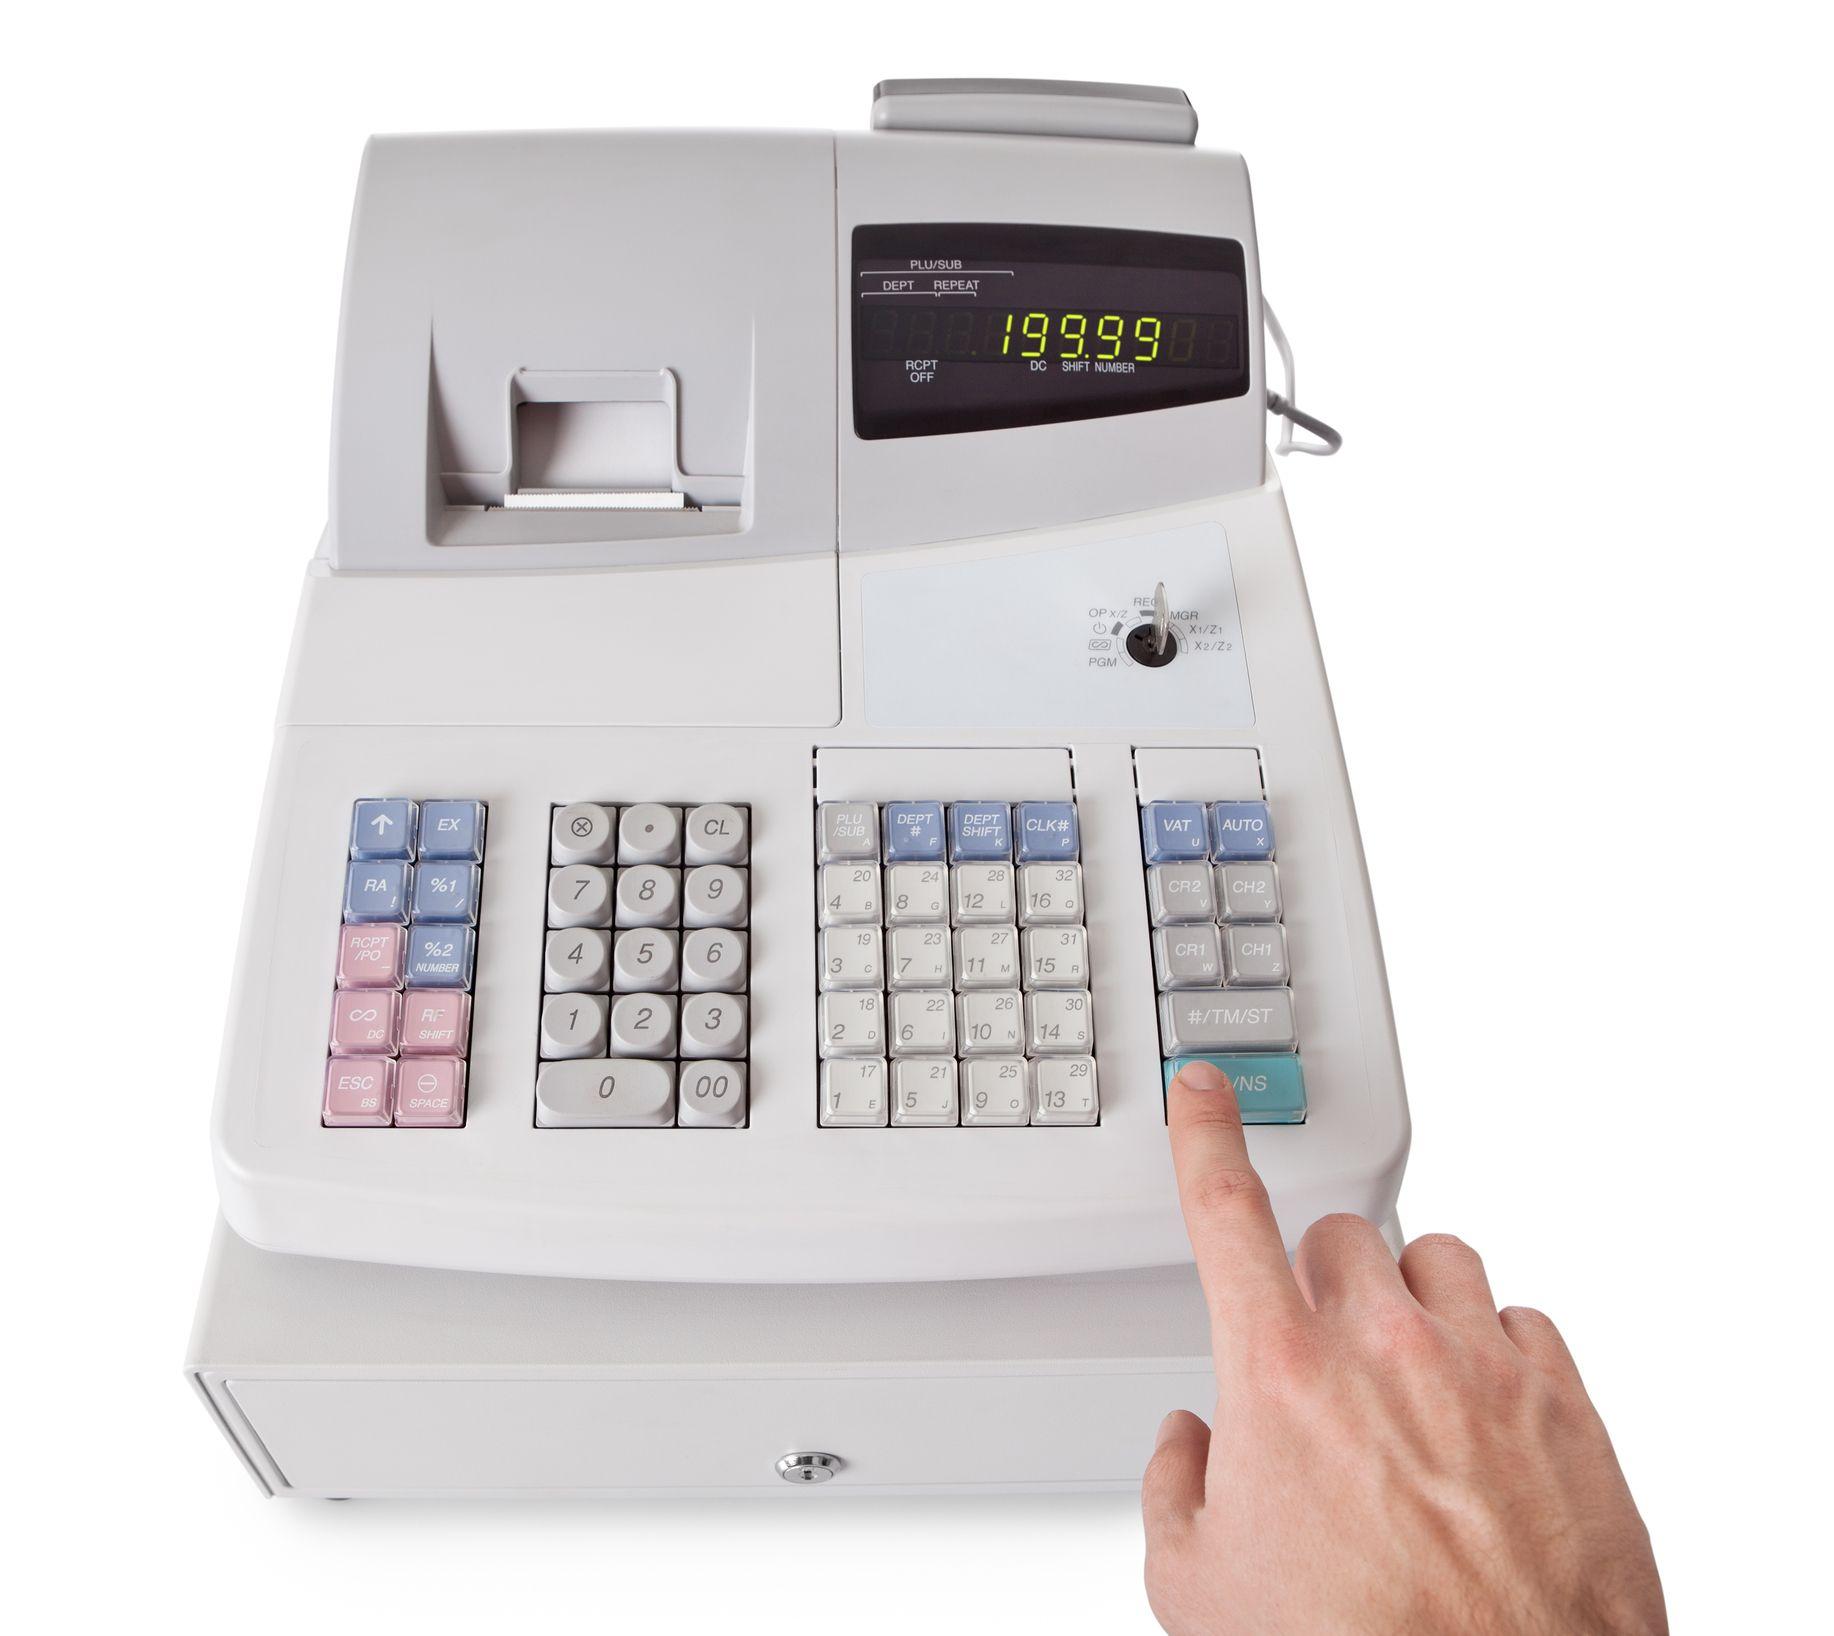 Złóż oświadczenie i przychód rozliczaj w dacie jego rejestracji na kasie fiskalnej